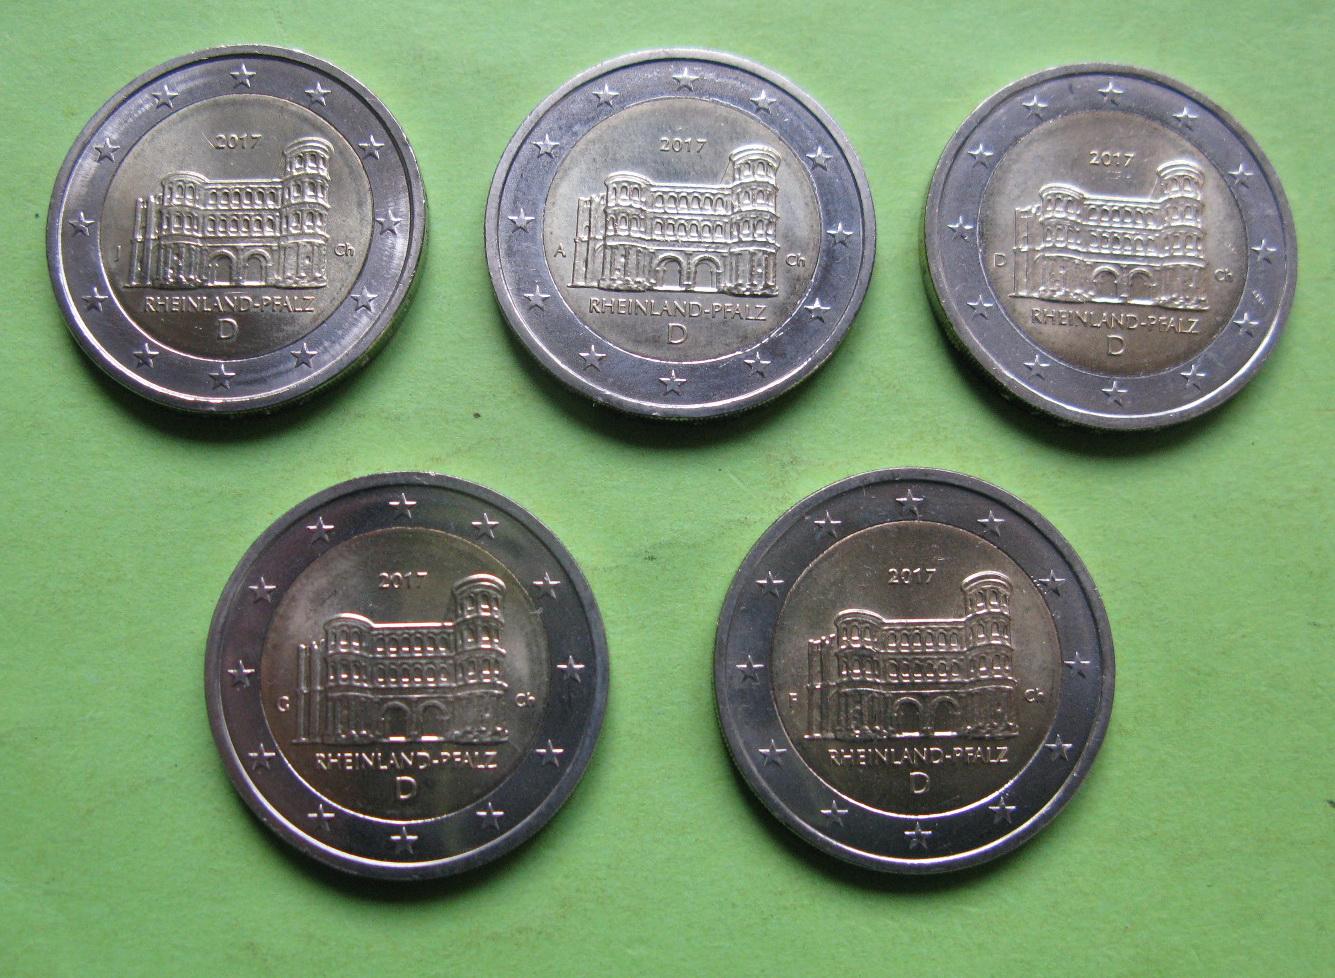 Германия 2 евро 2017 г. Рейнланд-Пфальц  (A,D,F,G,J)